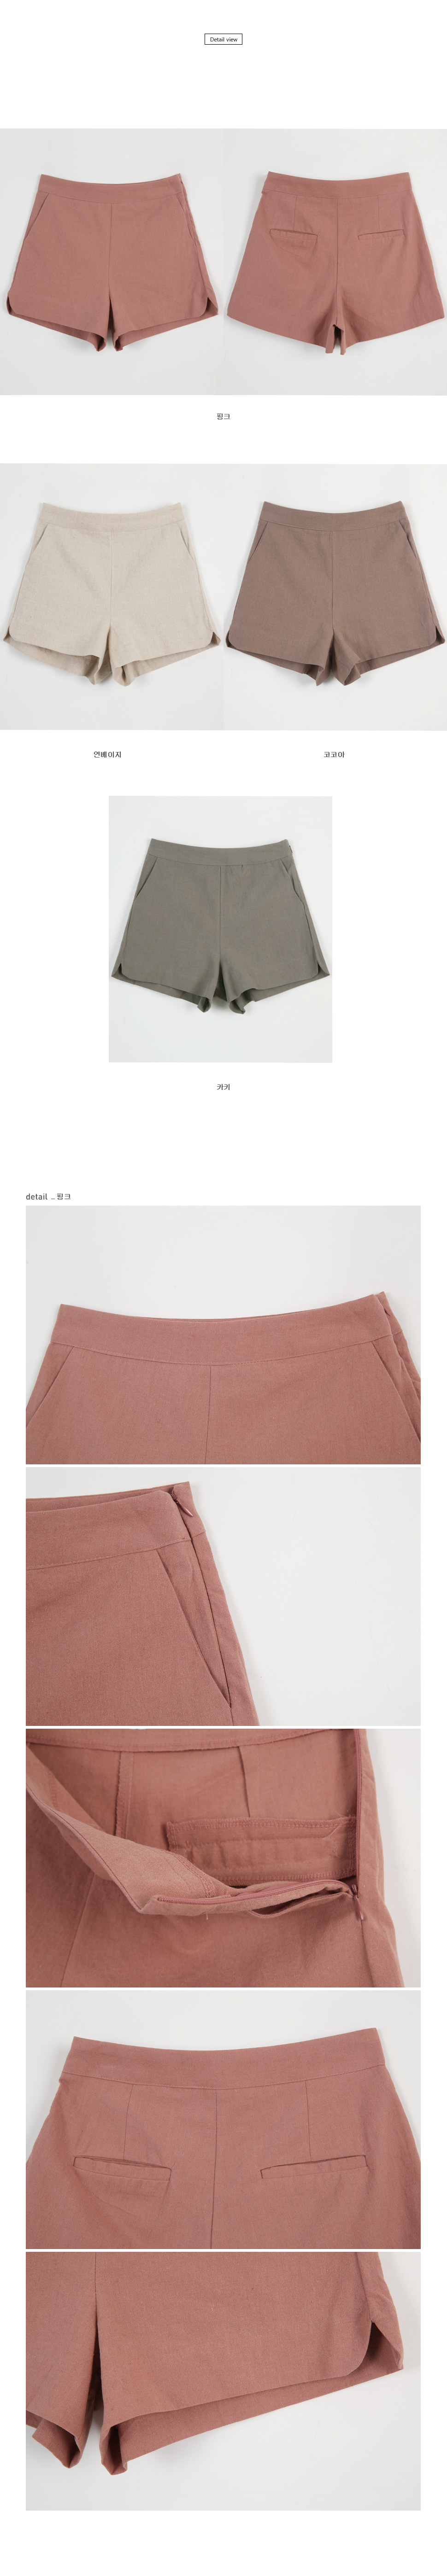 Matt linen shorts